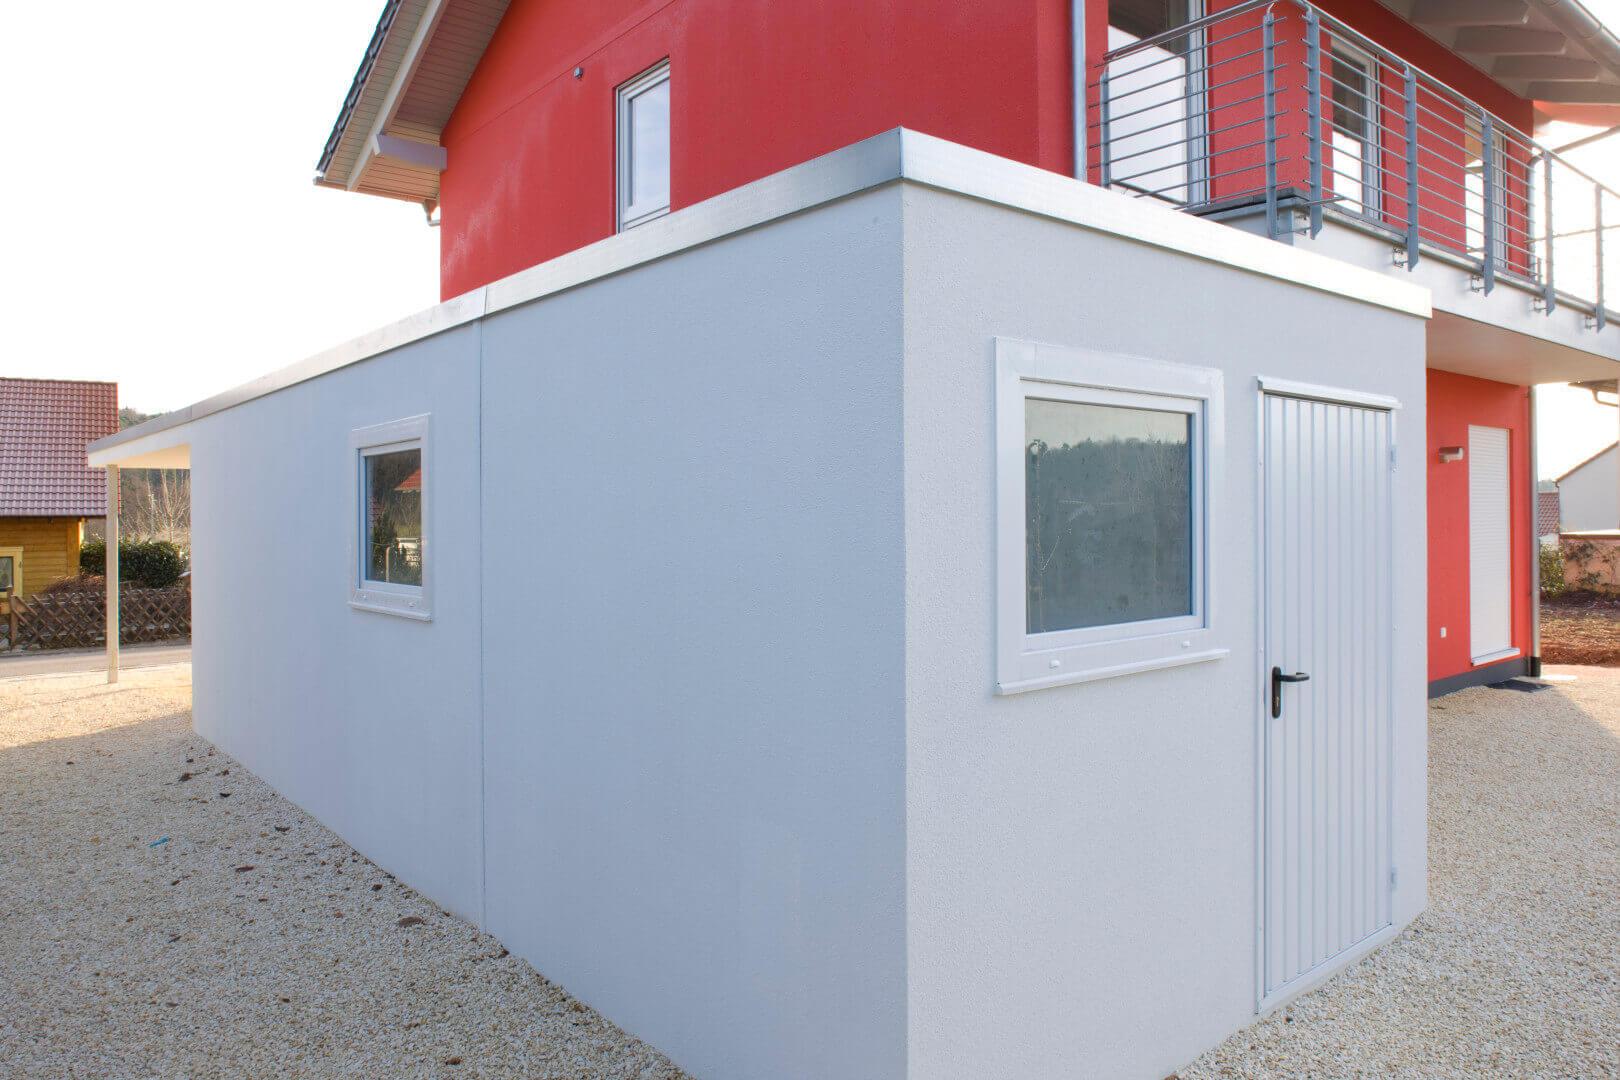 kemmler box garagen programm. Black Bedroom Furniture Sets. Home Design Ideas